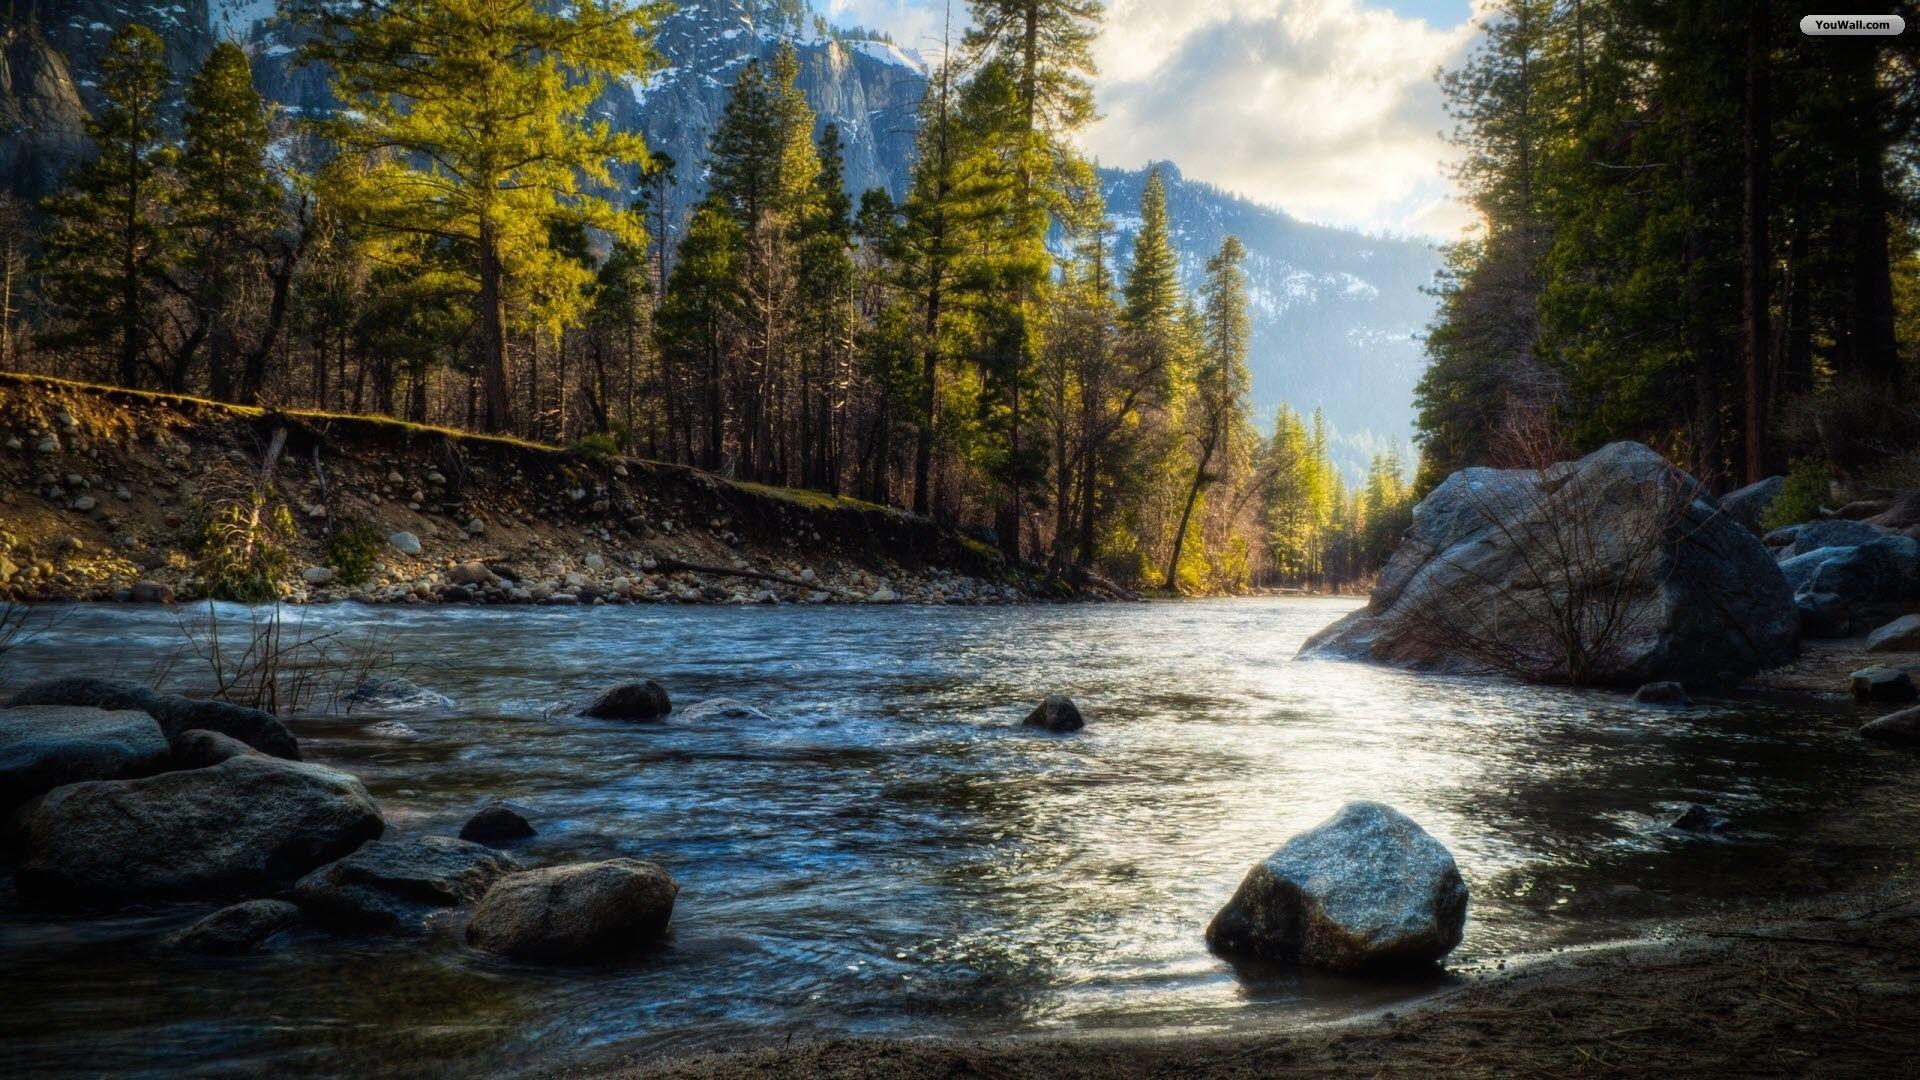 River Wallpaper Desktop 49 Images Beautiful Places Nature Beautiful Nature Landscape